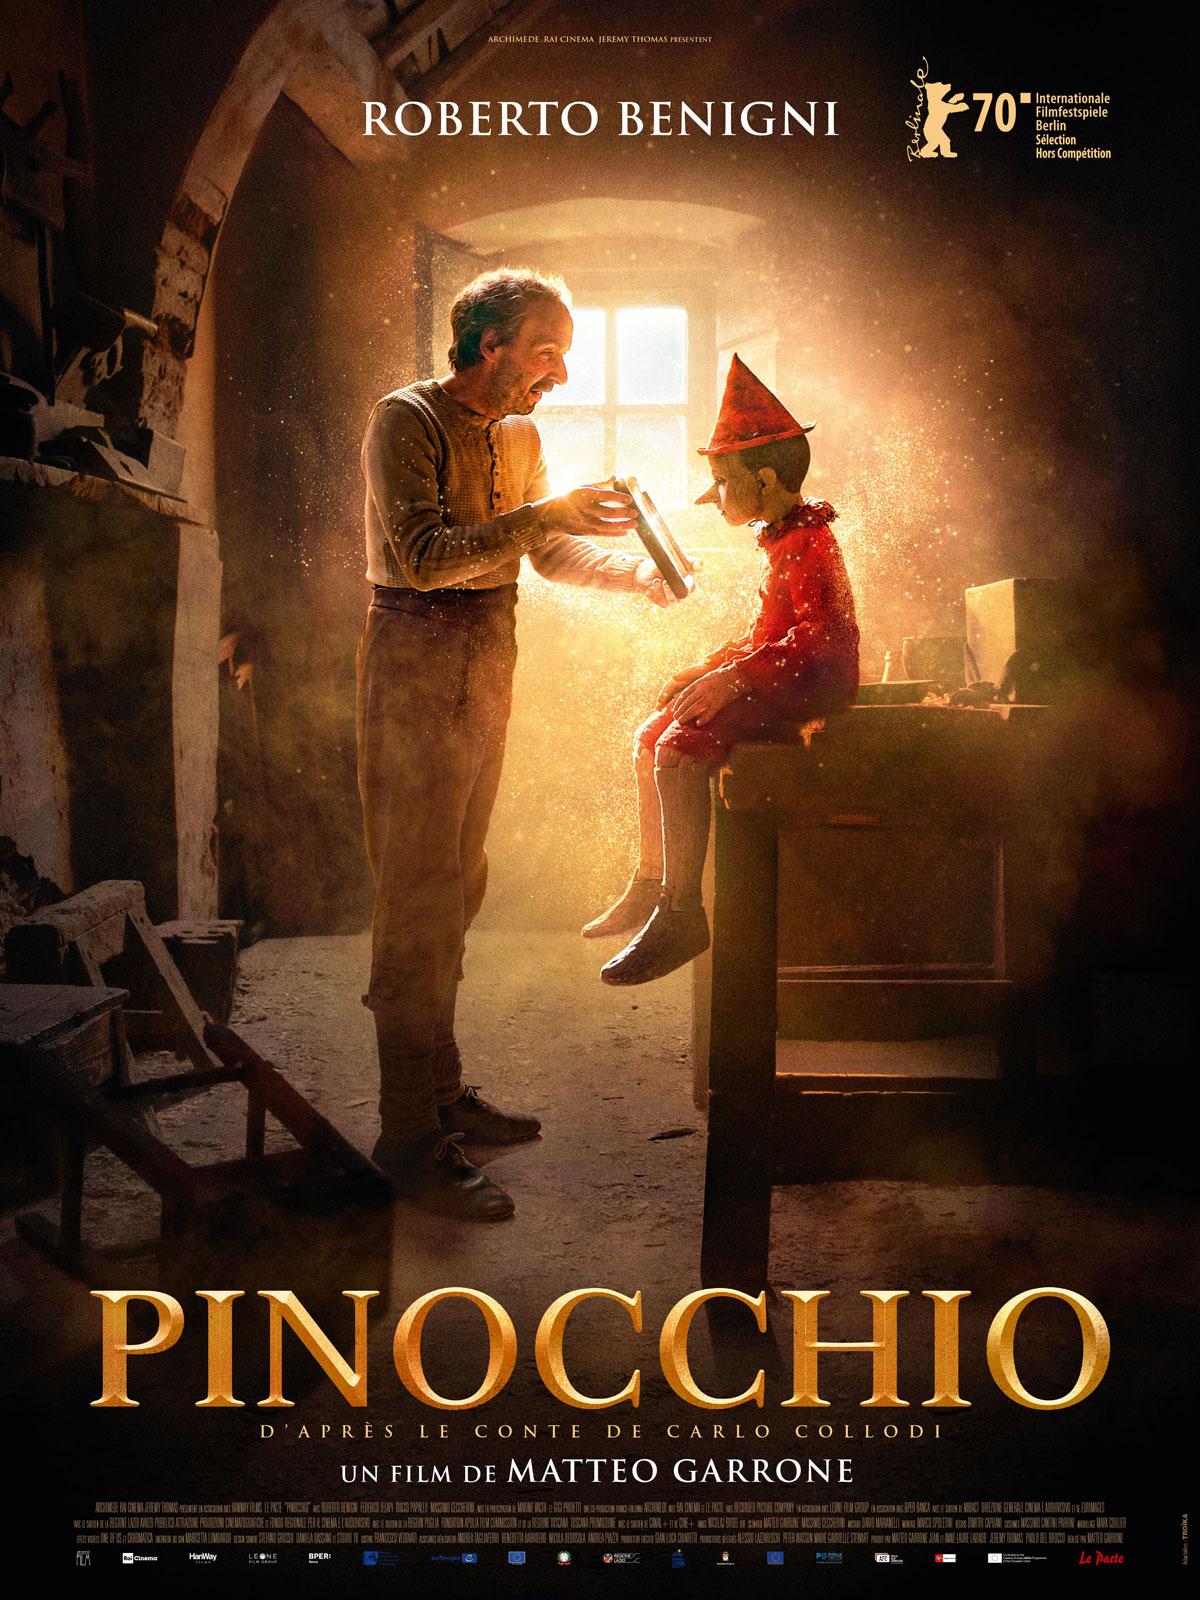 Pinocchio - film 2019 - AlloCiné